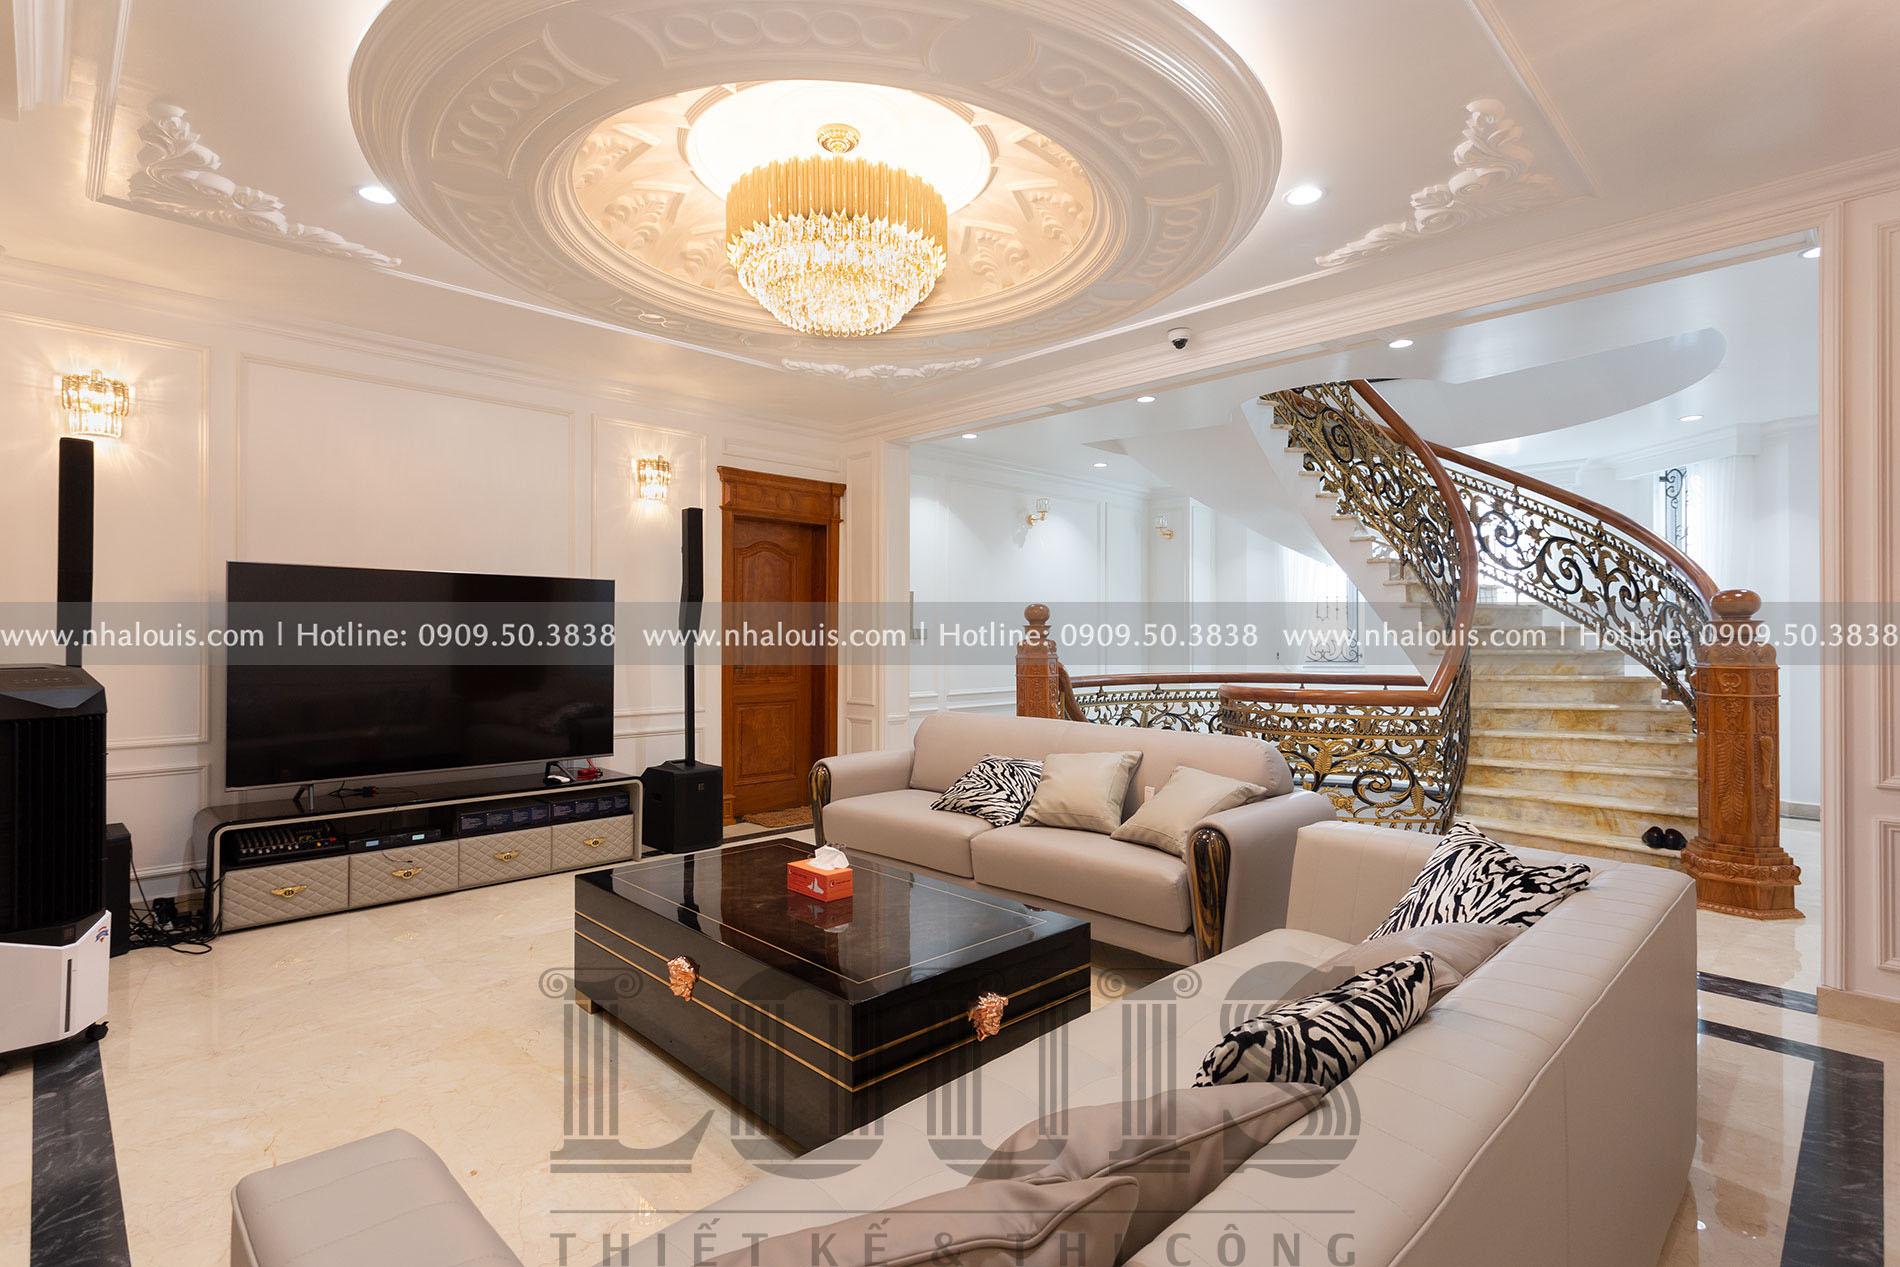 Thi công biệt thự 3 tầng mái thái cổ điển giá triệu đô tại Thủ Đức